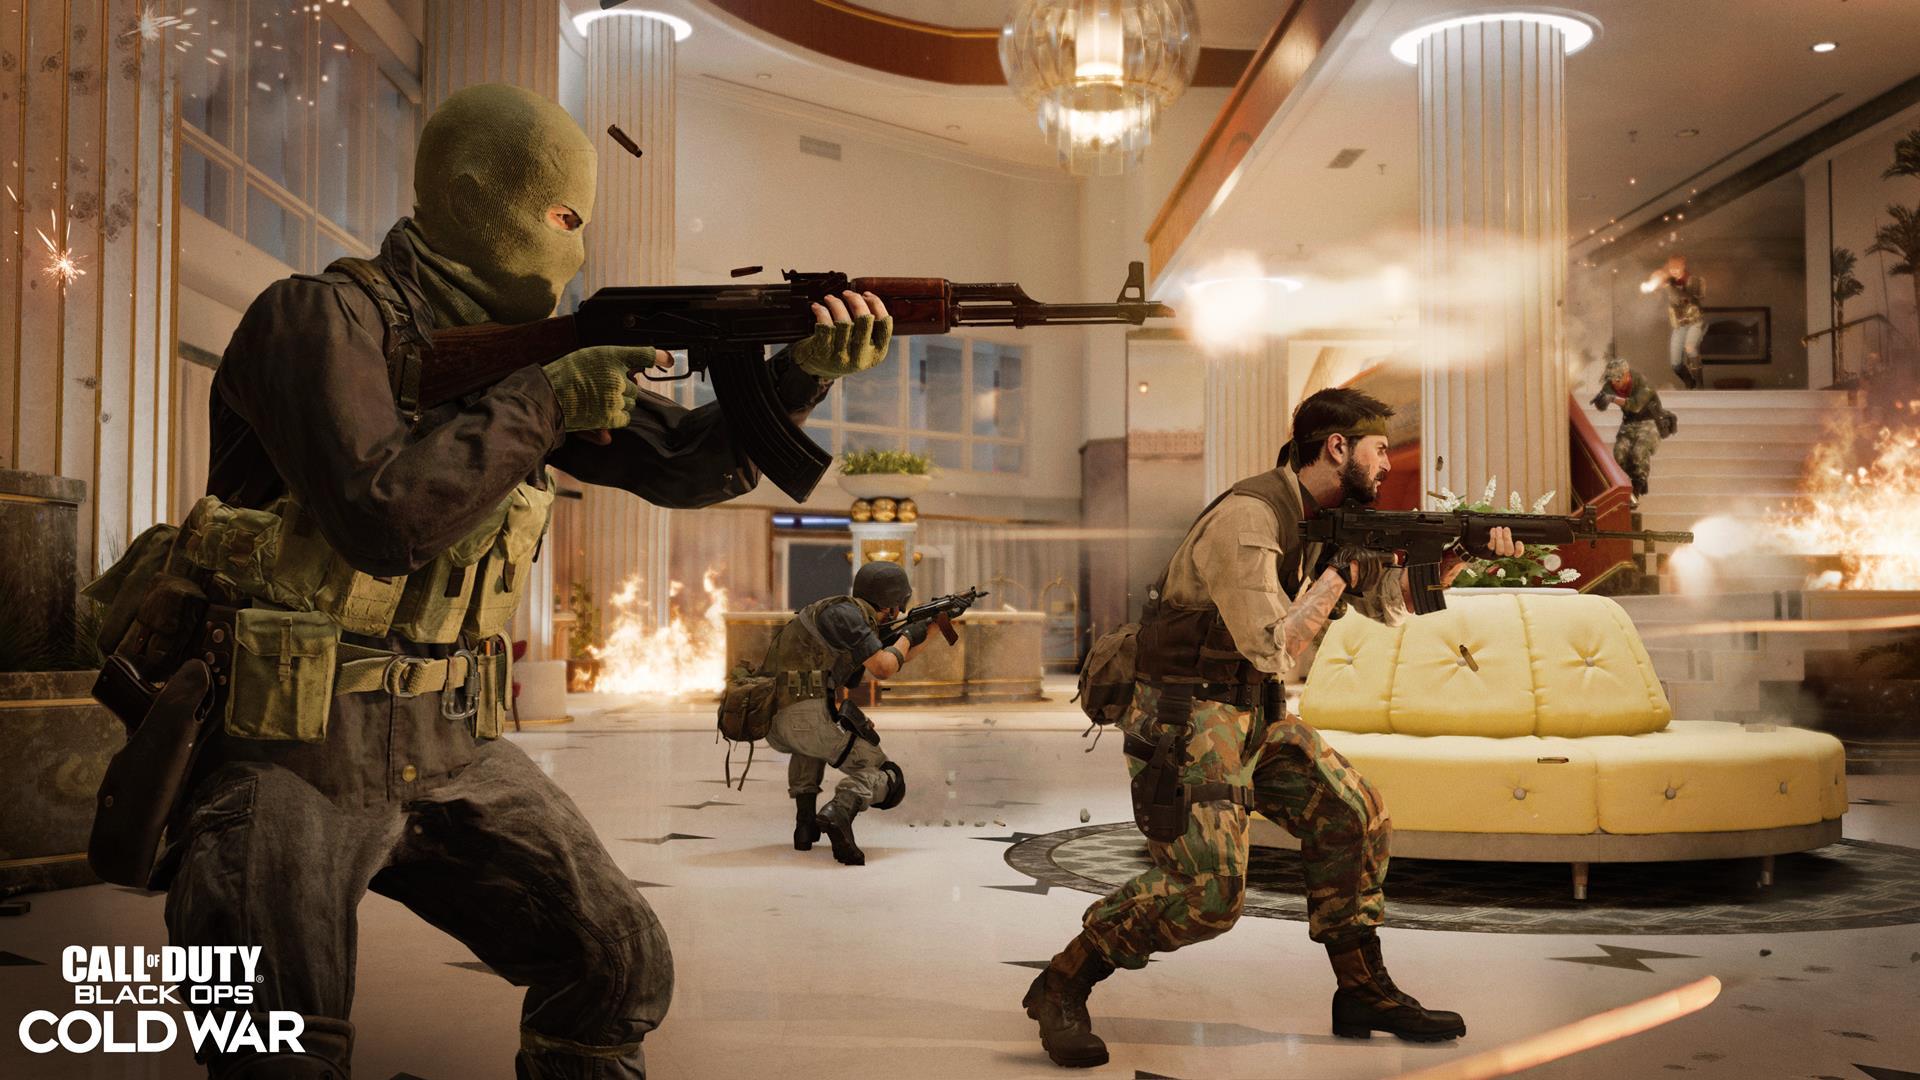 تریلر جدید COD Black Ops Cold War مپ جدید Nuketown 84 را نمایش میدهد